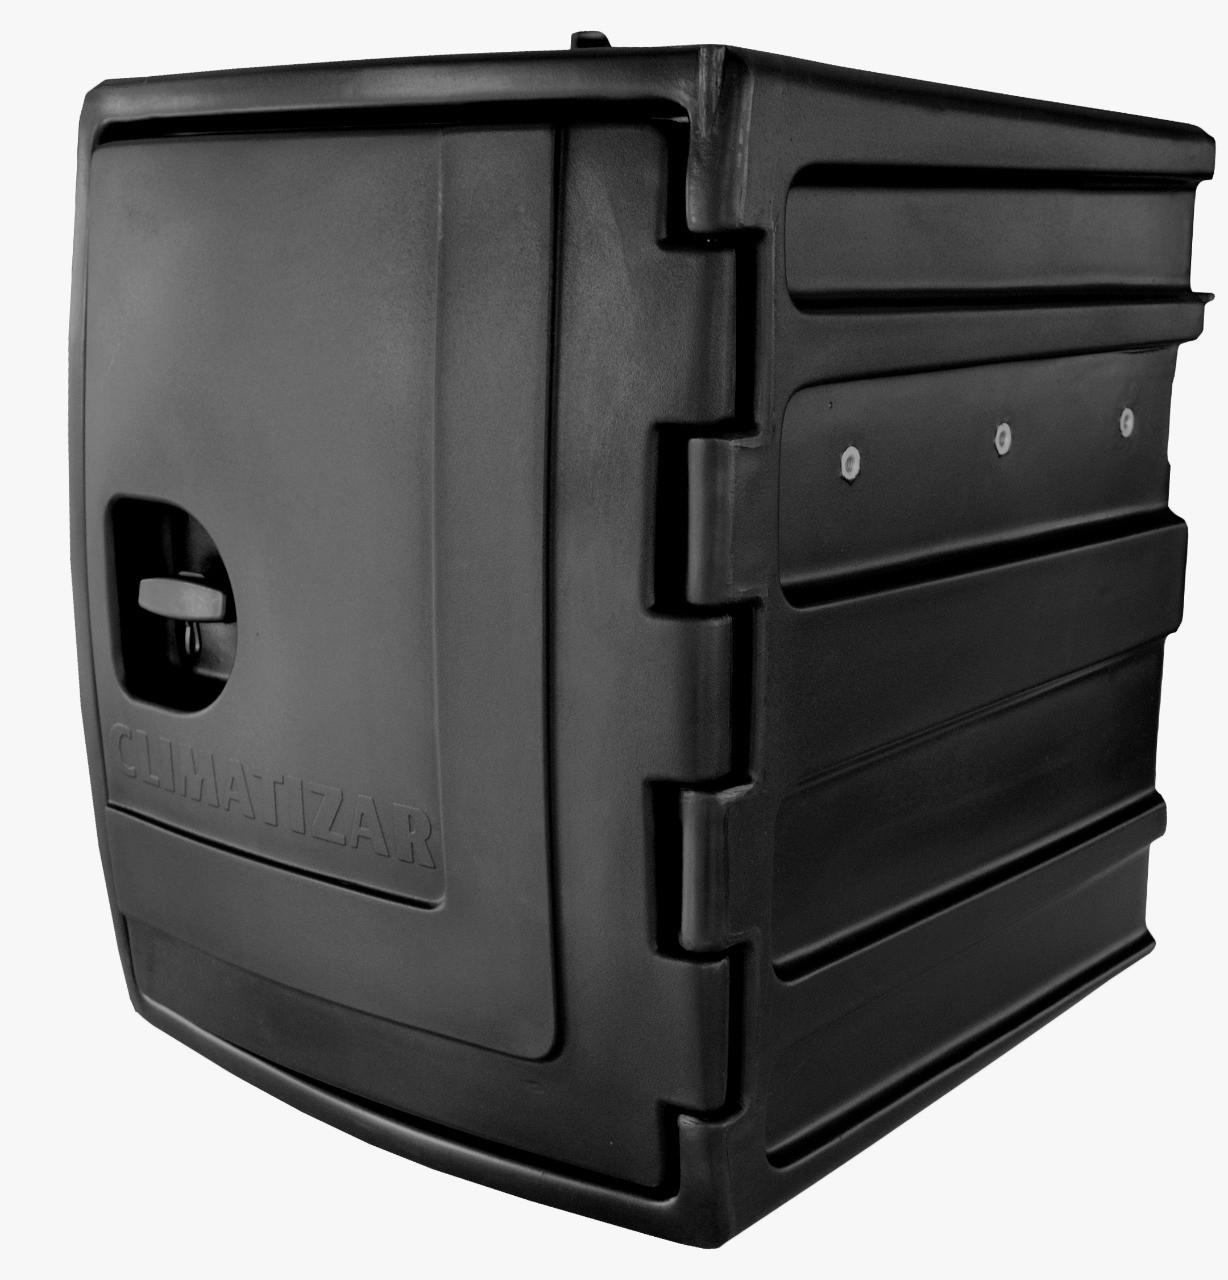 Geladeira para Caminhão Black Climatizar 84 Litros